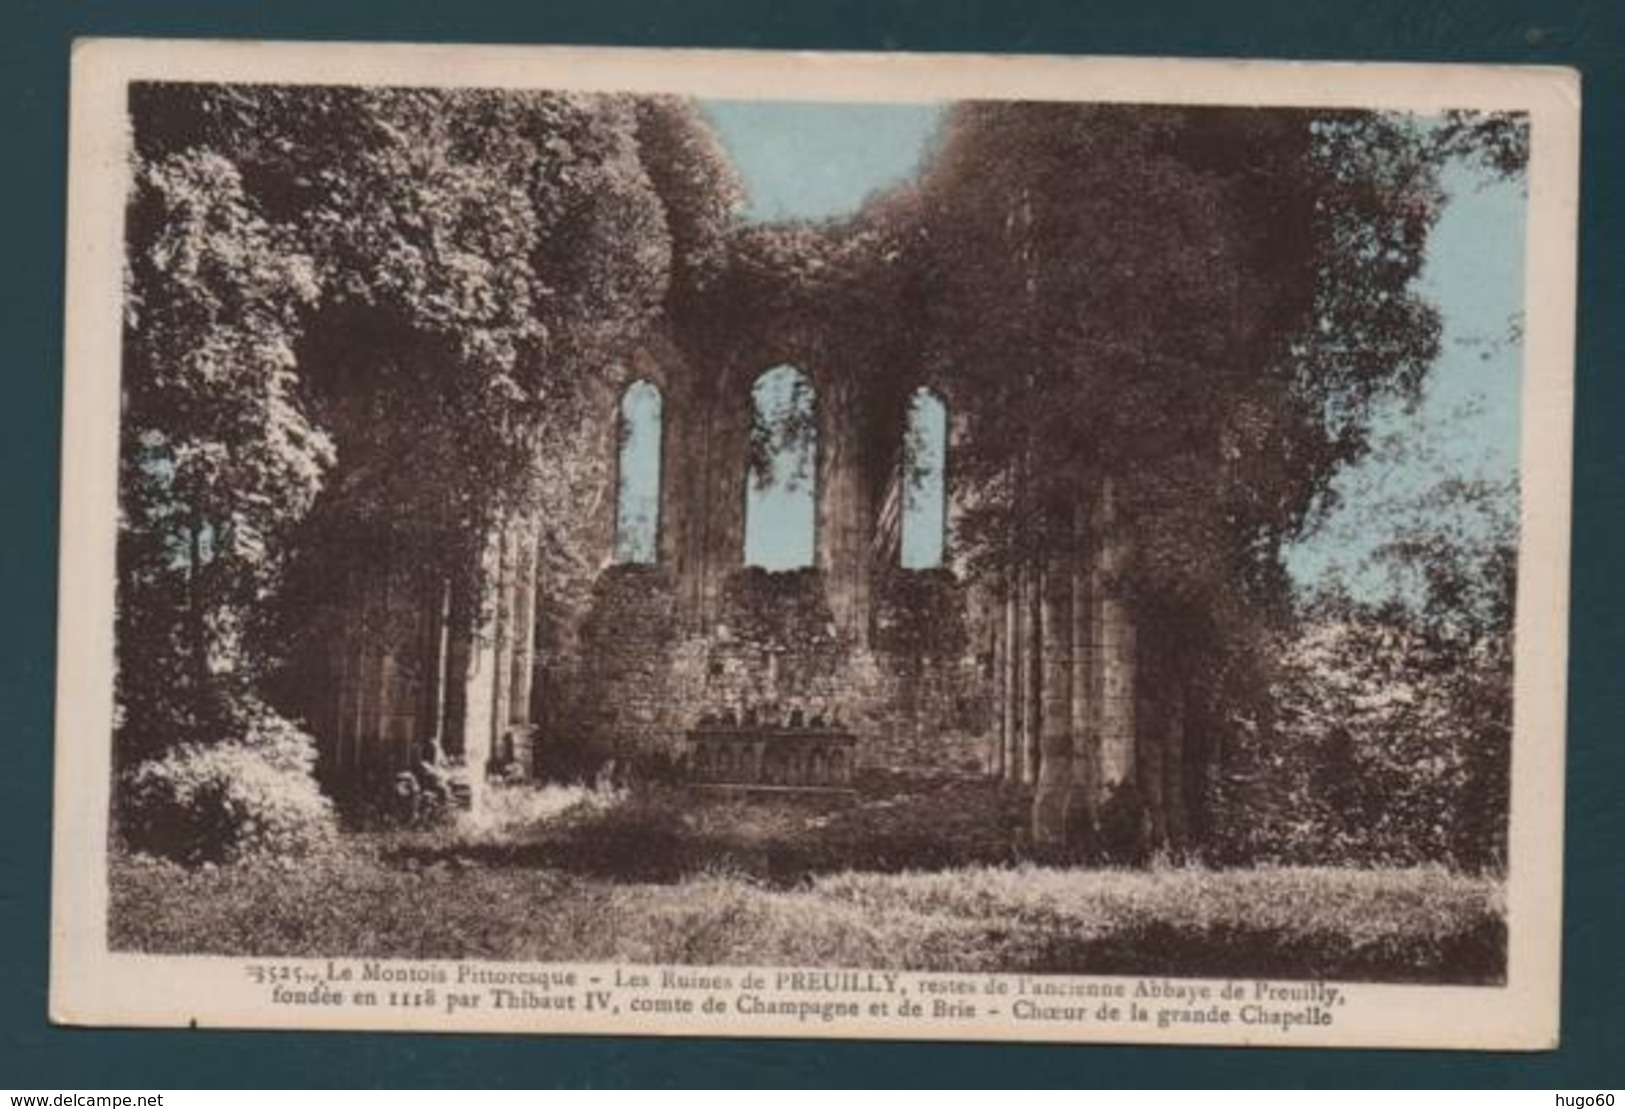 Les Ruines De PREUILLY, Restes De L'ancienne Abbaye De Preuilly - Choeur De La Grande Chapelle - Autres Communes